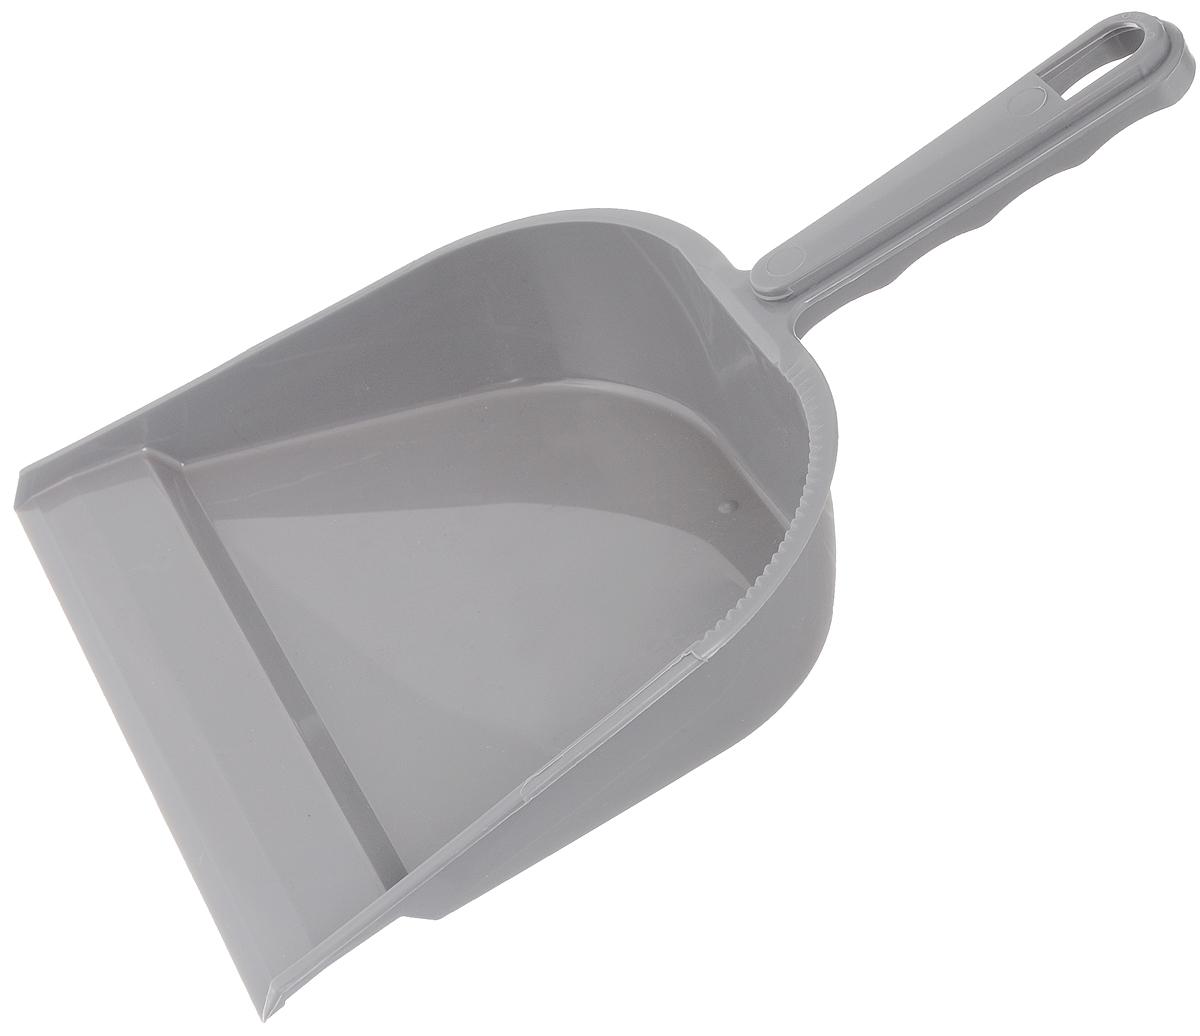 Совок York, цвет: серый. 61016101_серыйСовок York, выполненный из прочного полимера, имеет удобную эргономичную ручку с отверстием для подвеса. Изделие предназначено для сбора мусора и пыли при уборке помещений. Длина совка с учетом ручки: 30 см. Ширина совка по кромке: 22 см.